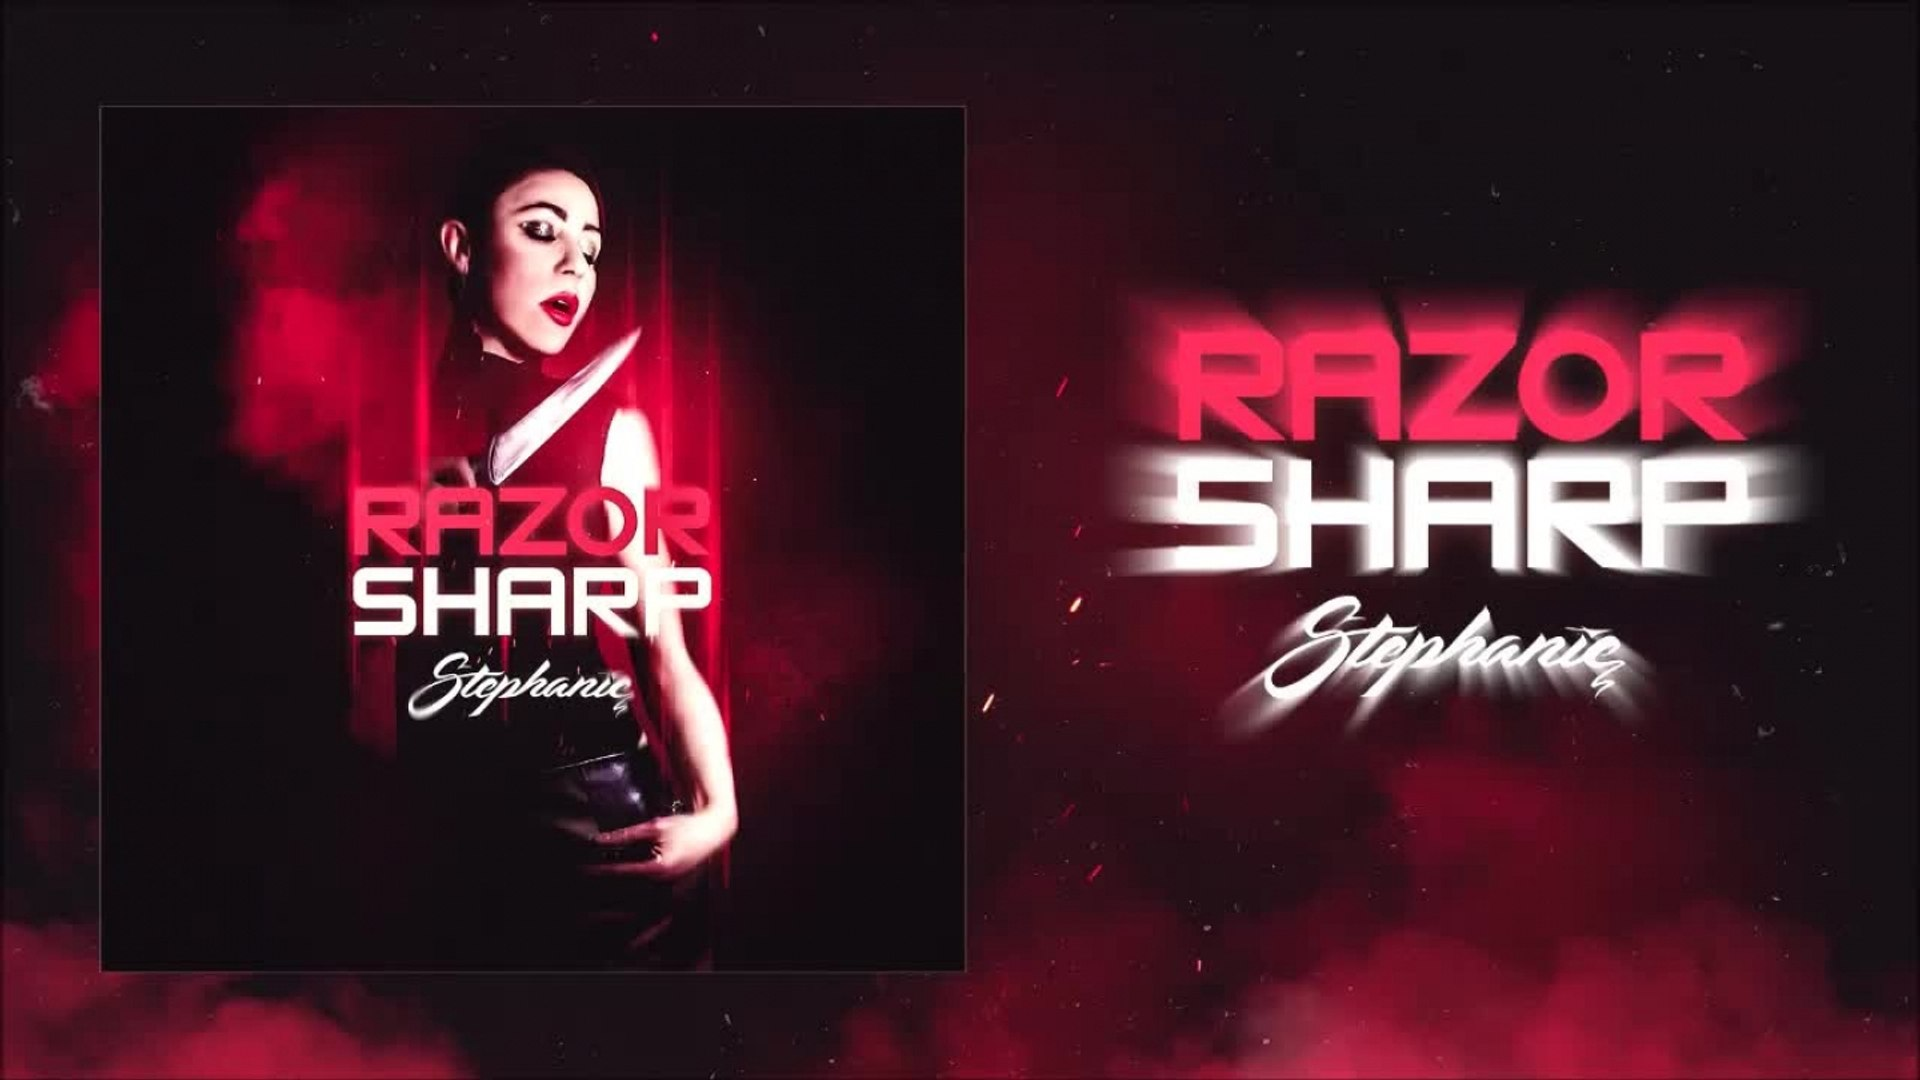 Stephanie - Razor Sharp (Original Mix) - Official Preview (PKB005)